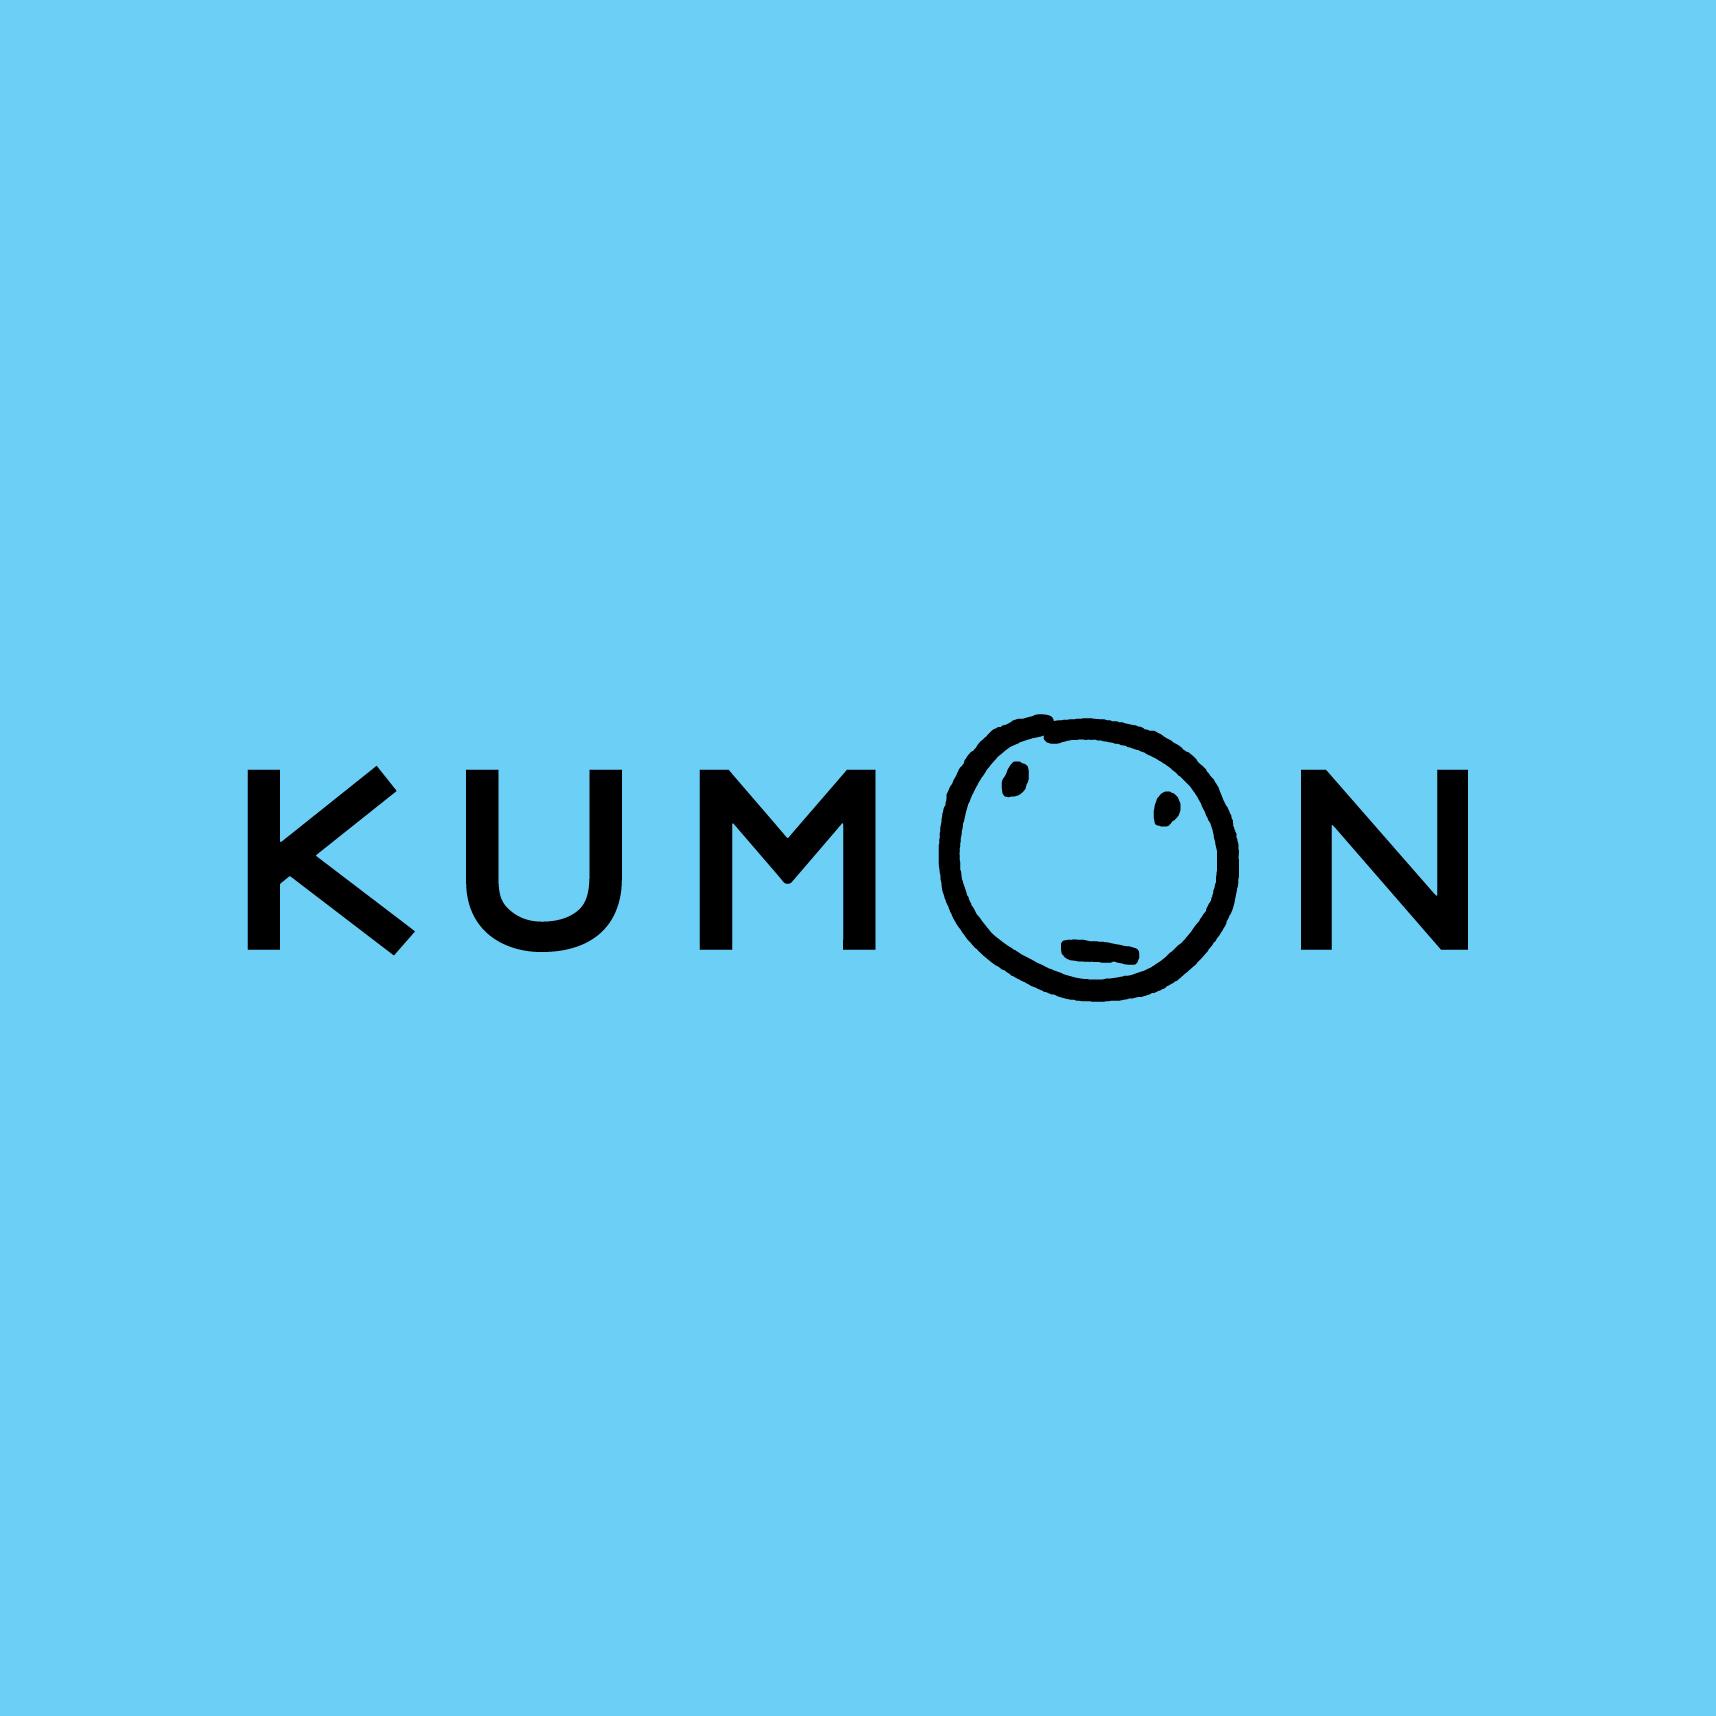 Kumon Bow Yin Education Centre